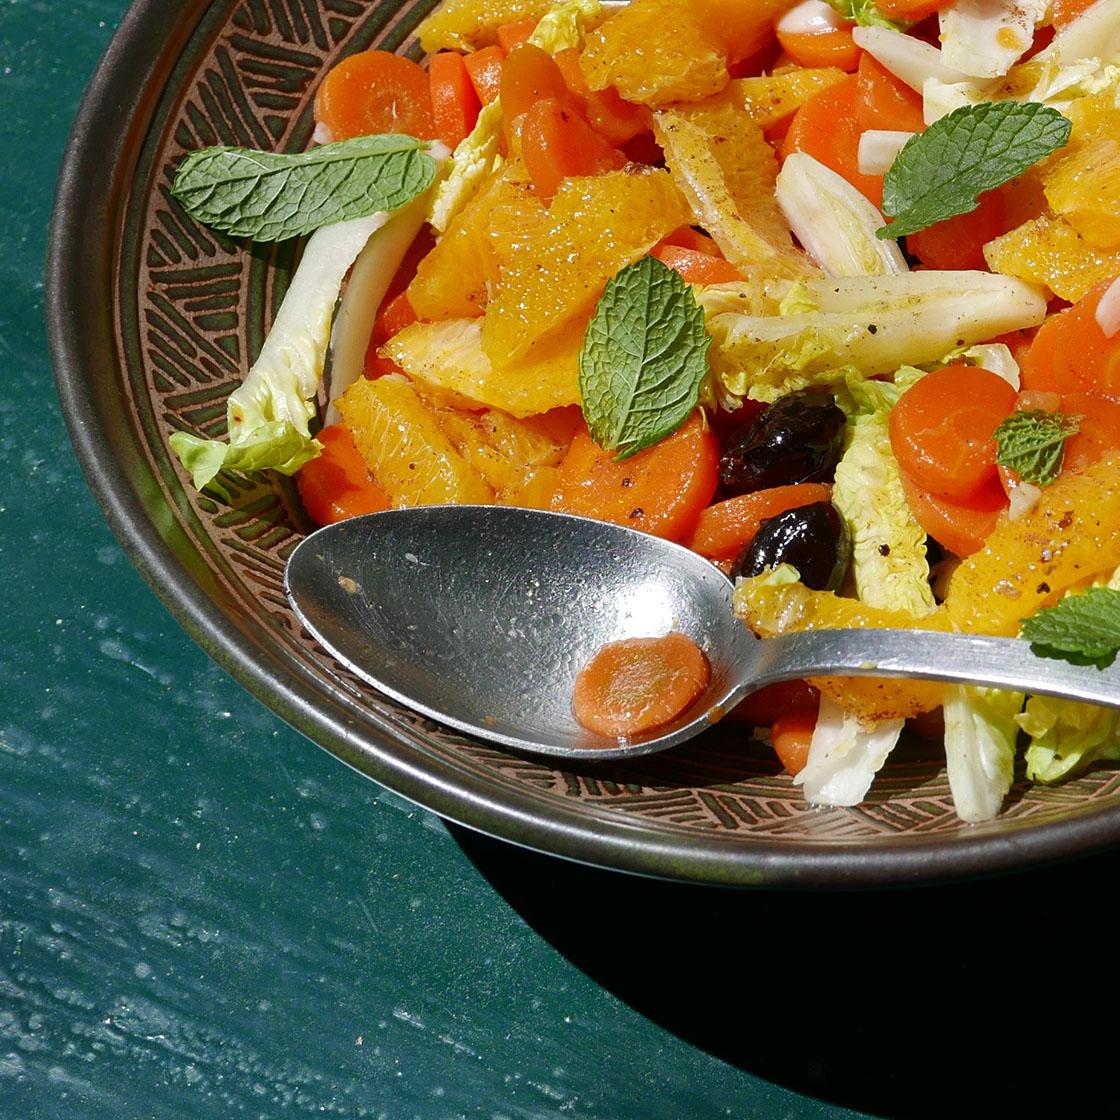 Insalata di lattuga, carote lesse, arancia, olive e menta